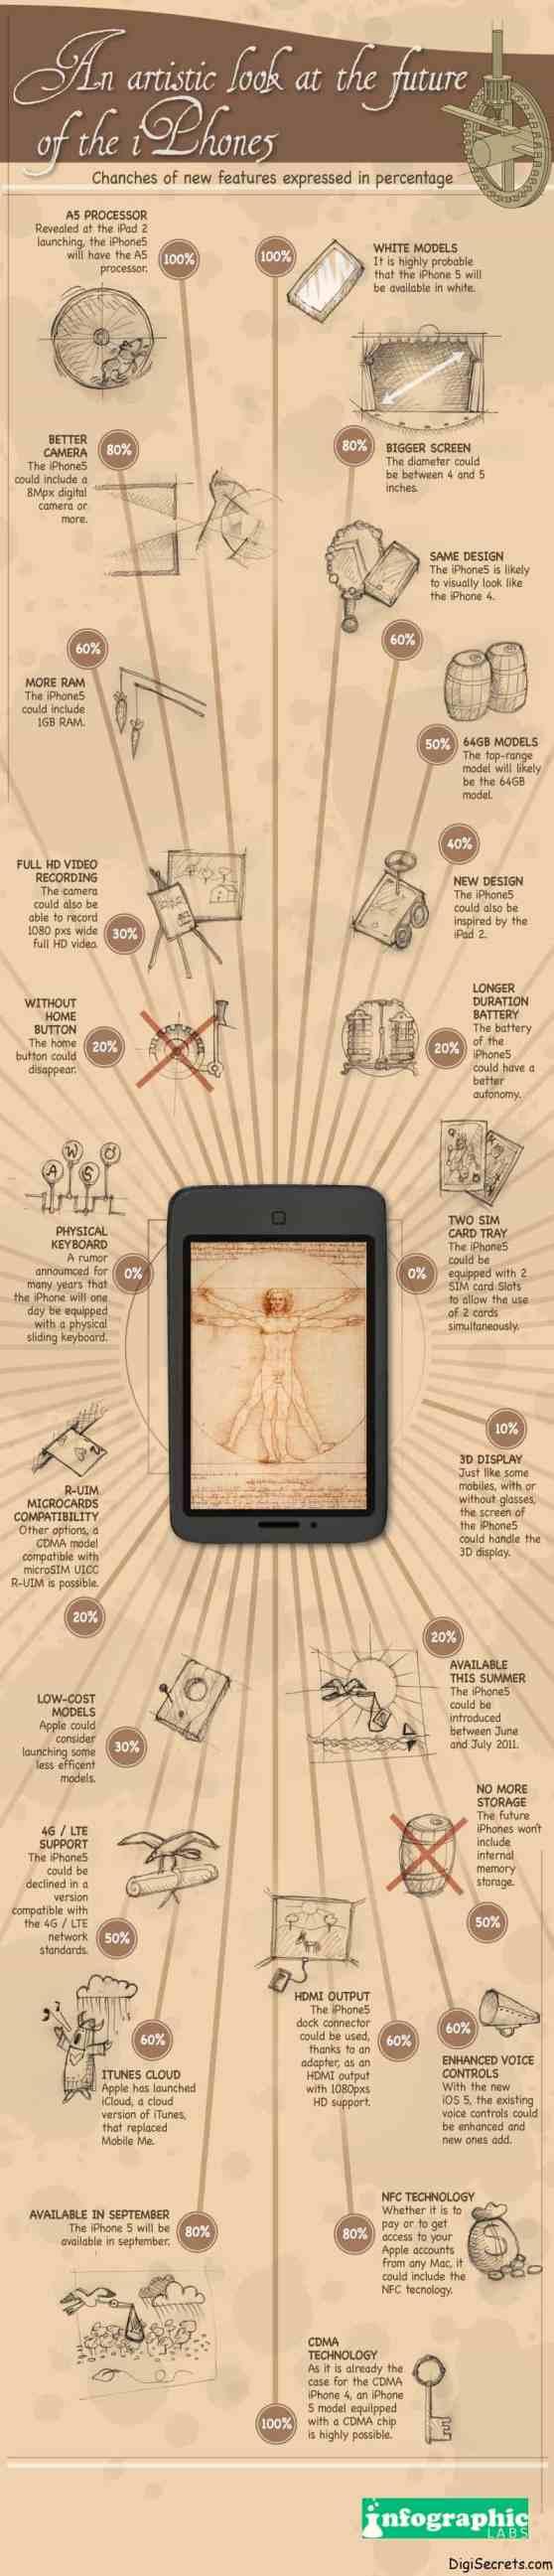 iPhone-5-Infographic